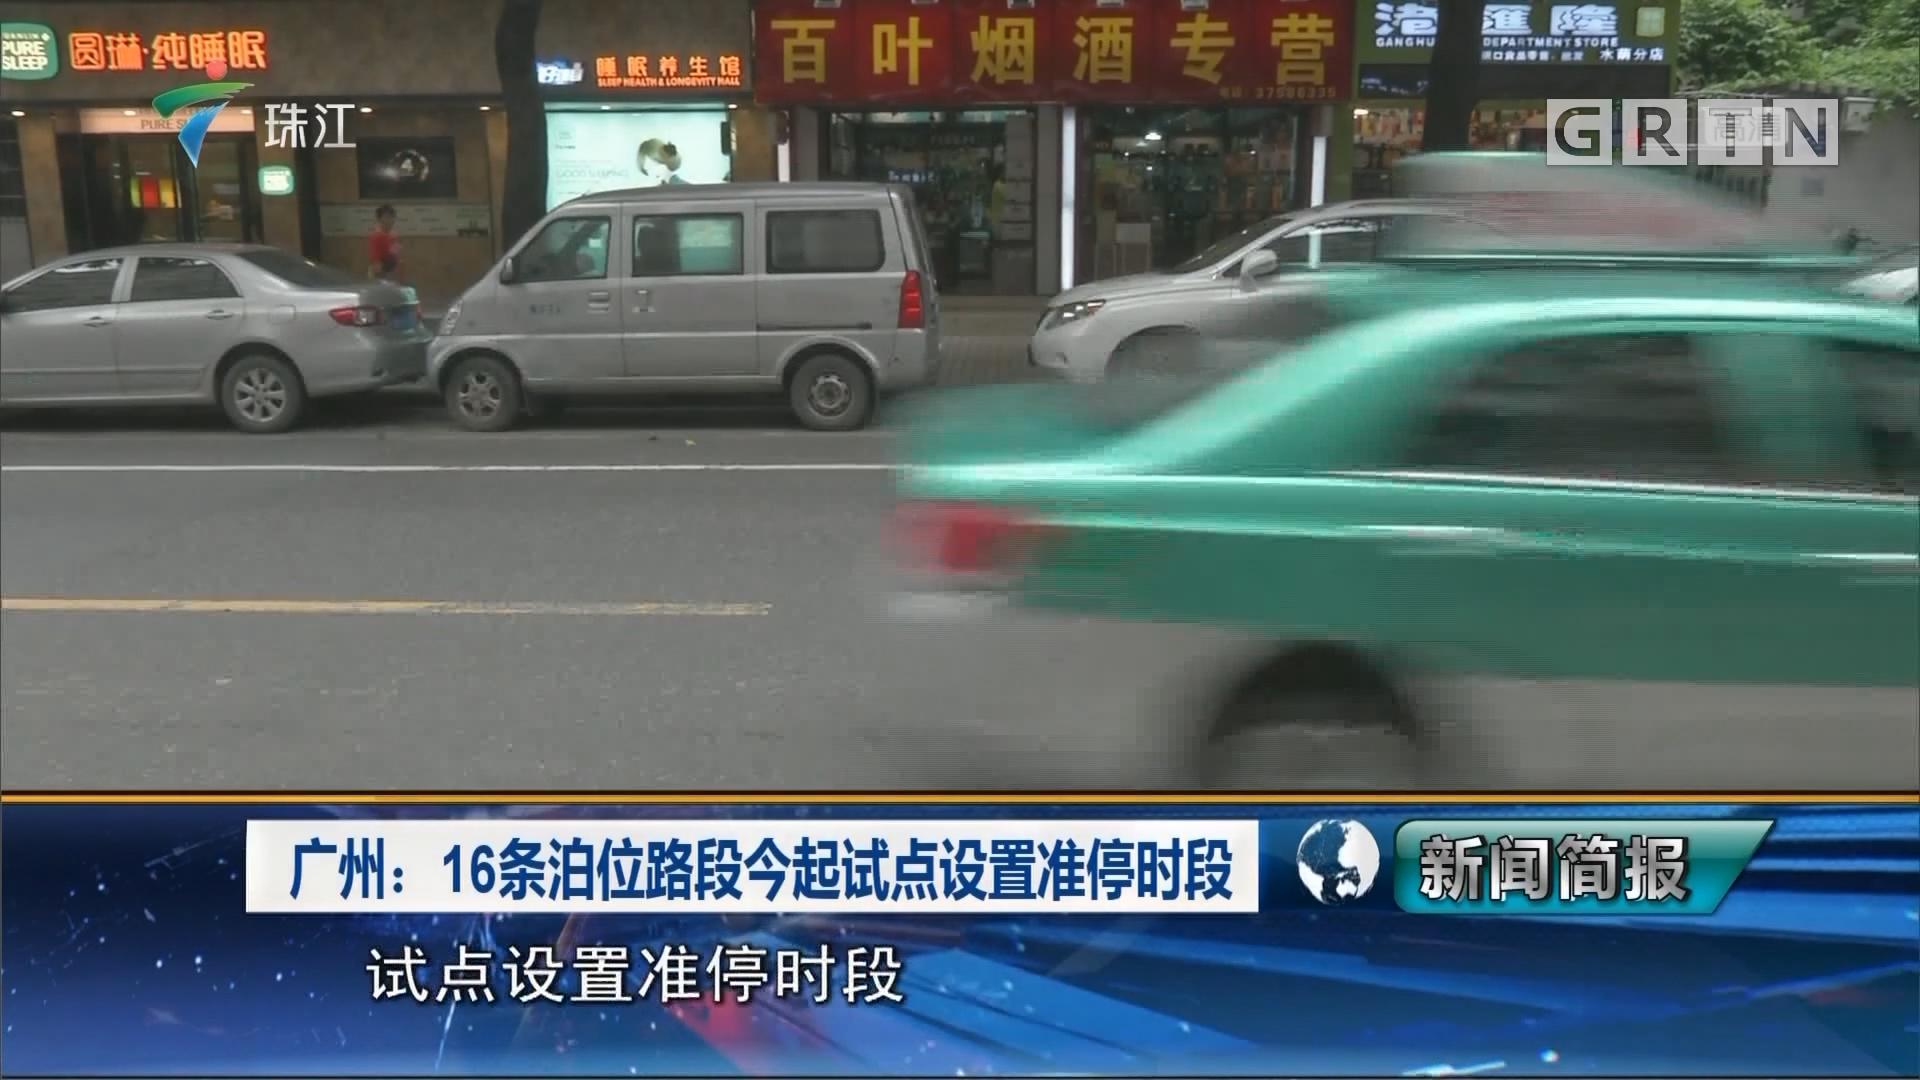 广州:16条泊位路段今起试点设置准停时段